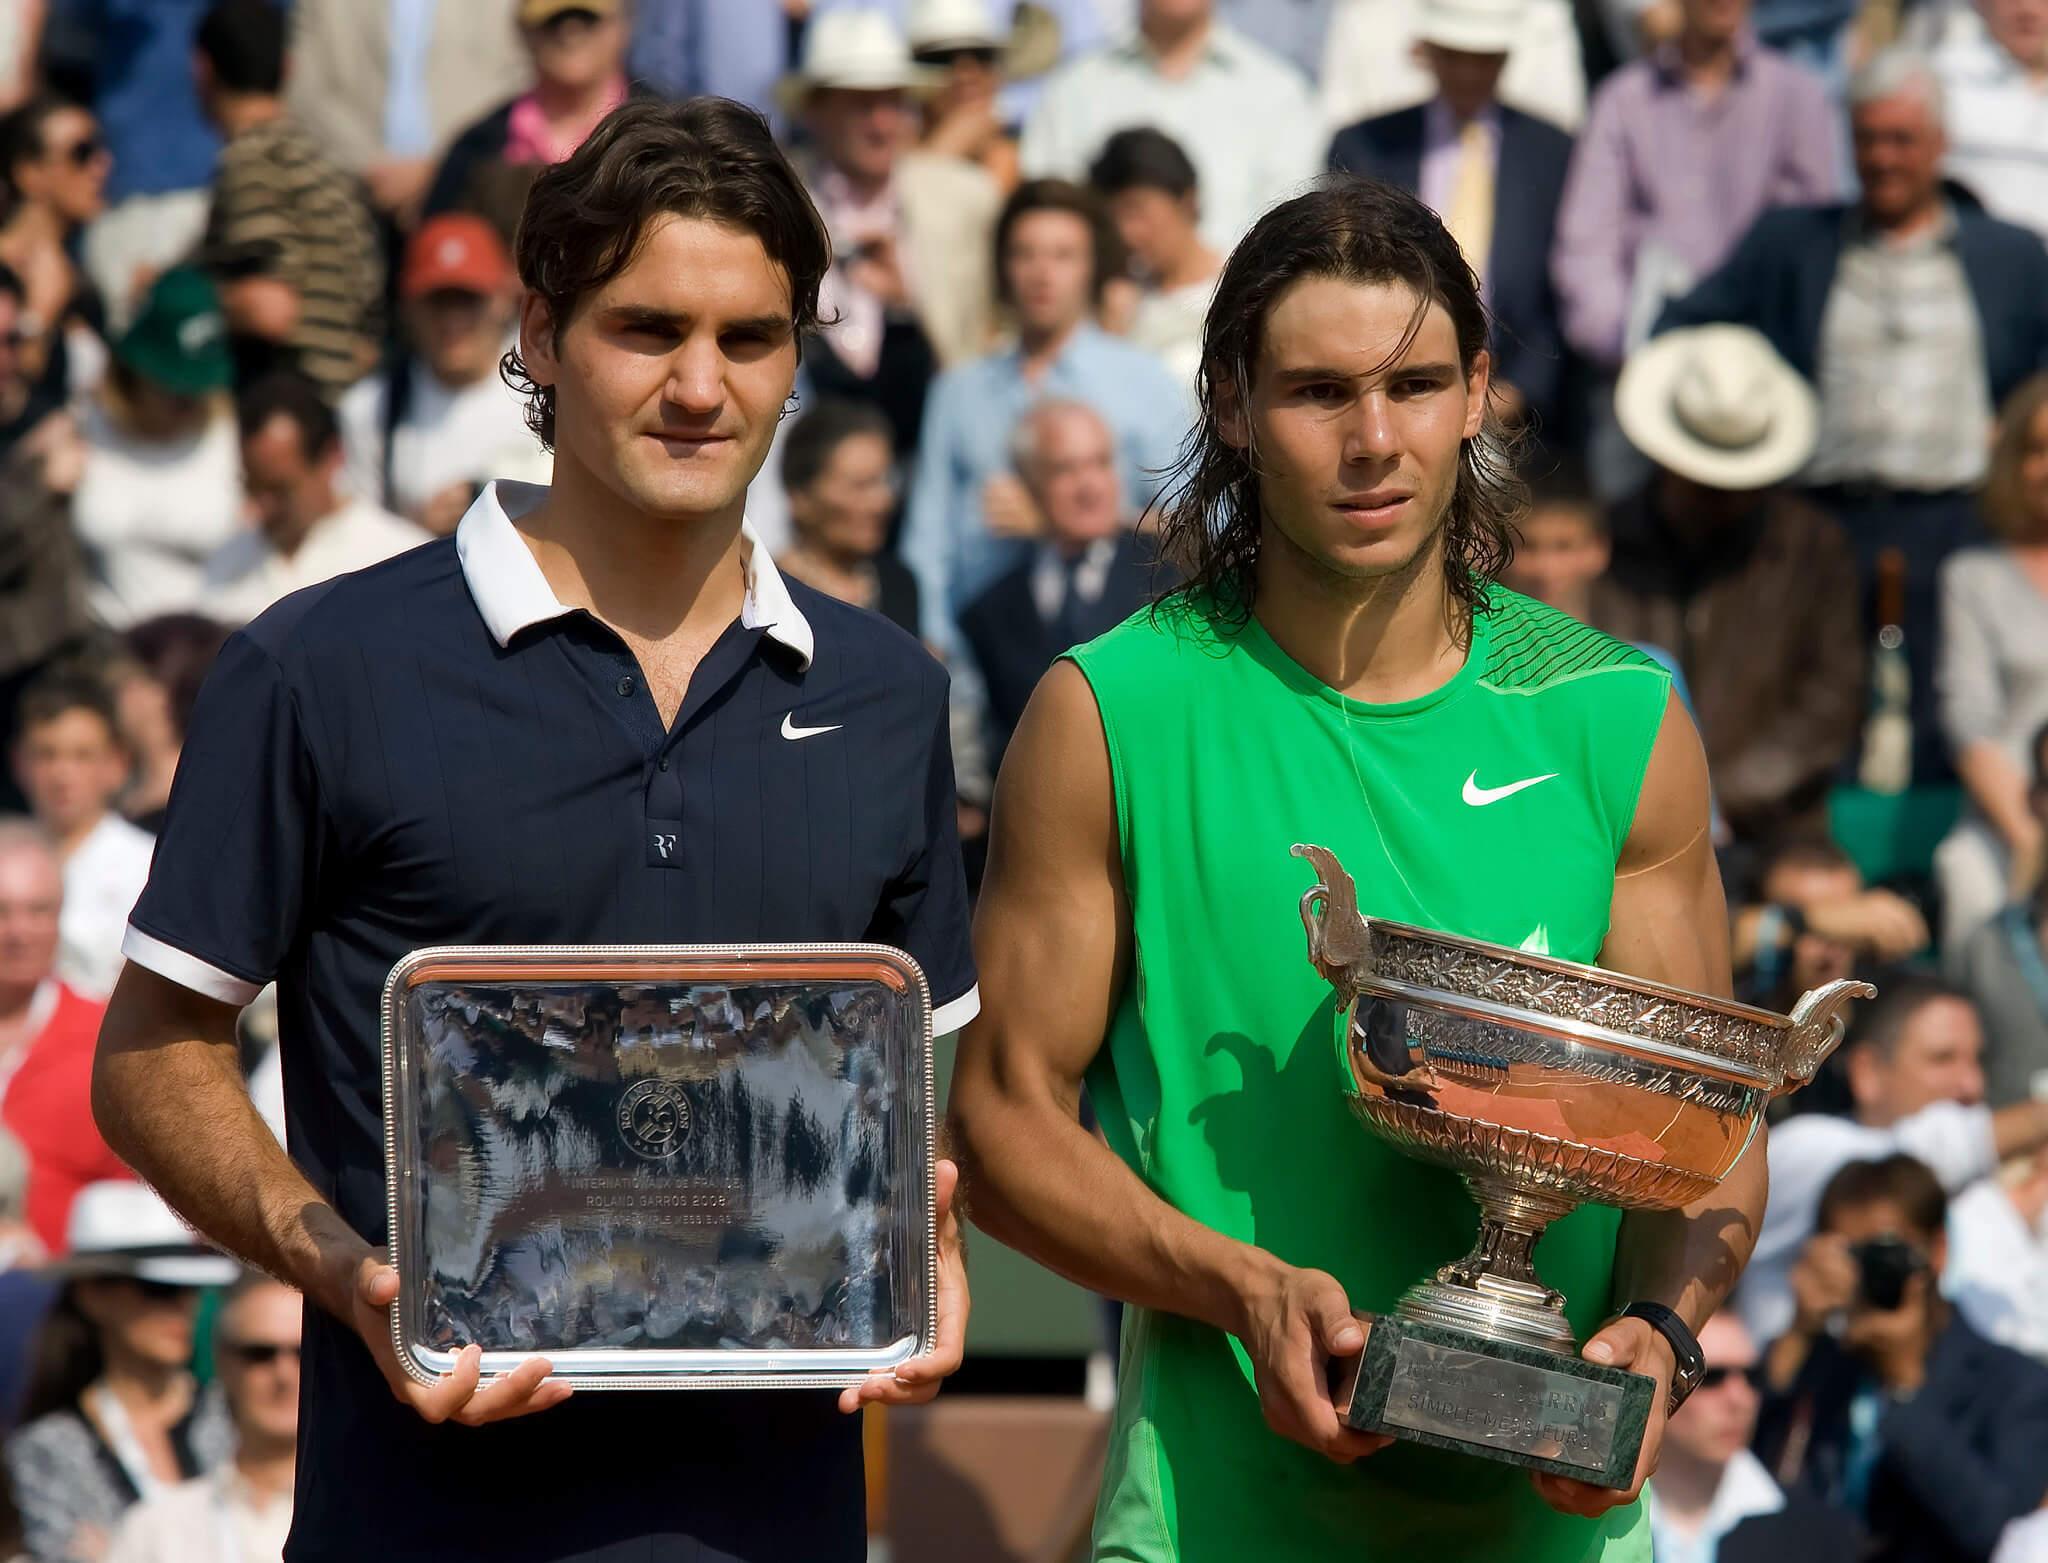 Rafael Nadal vs Roger Federer Tennis rivalry